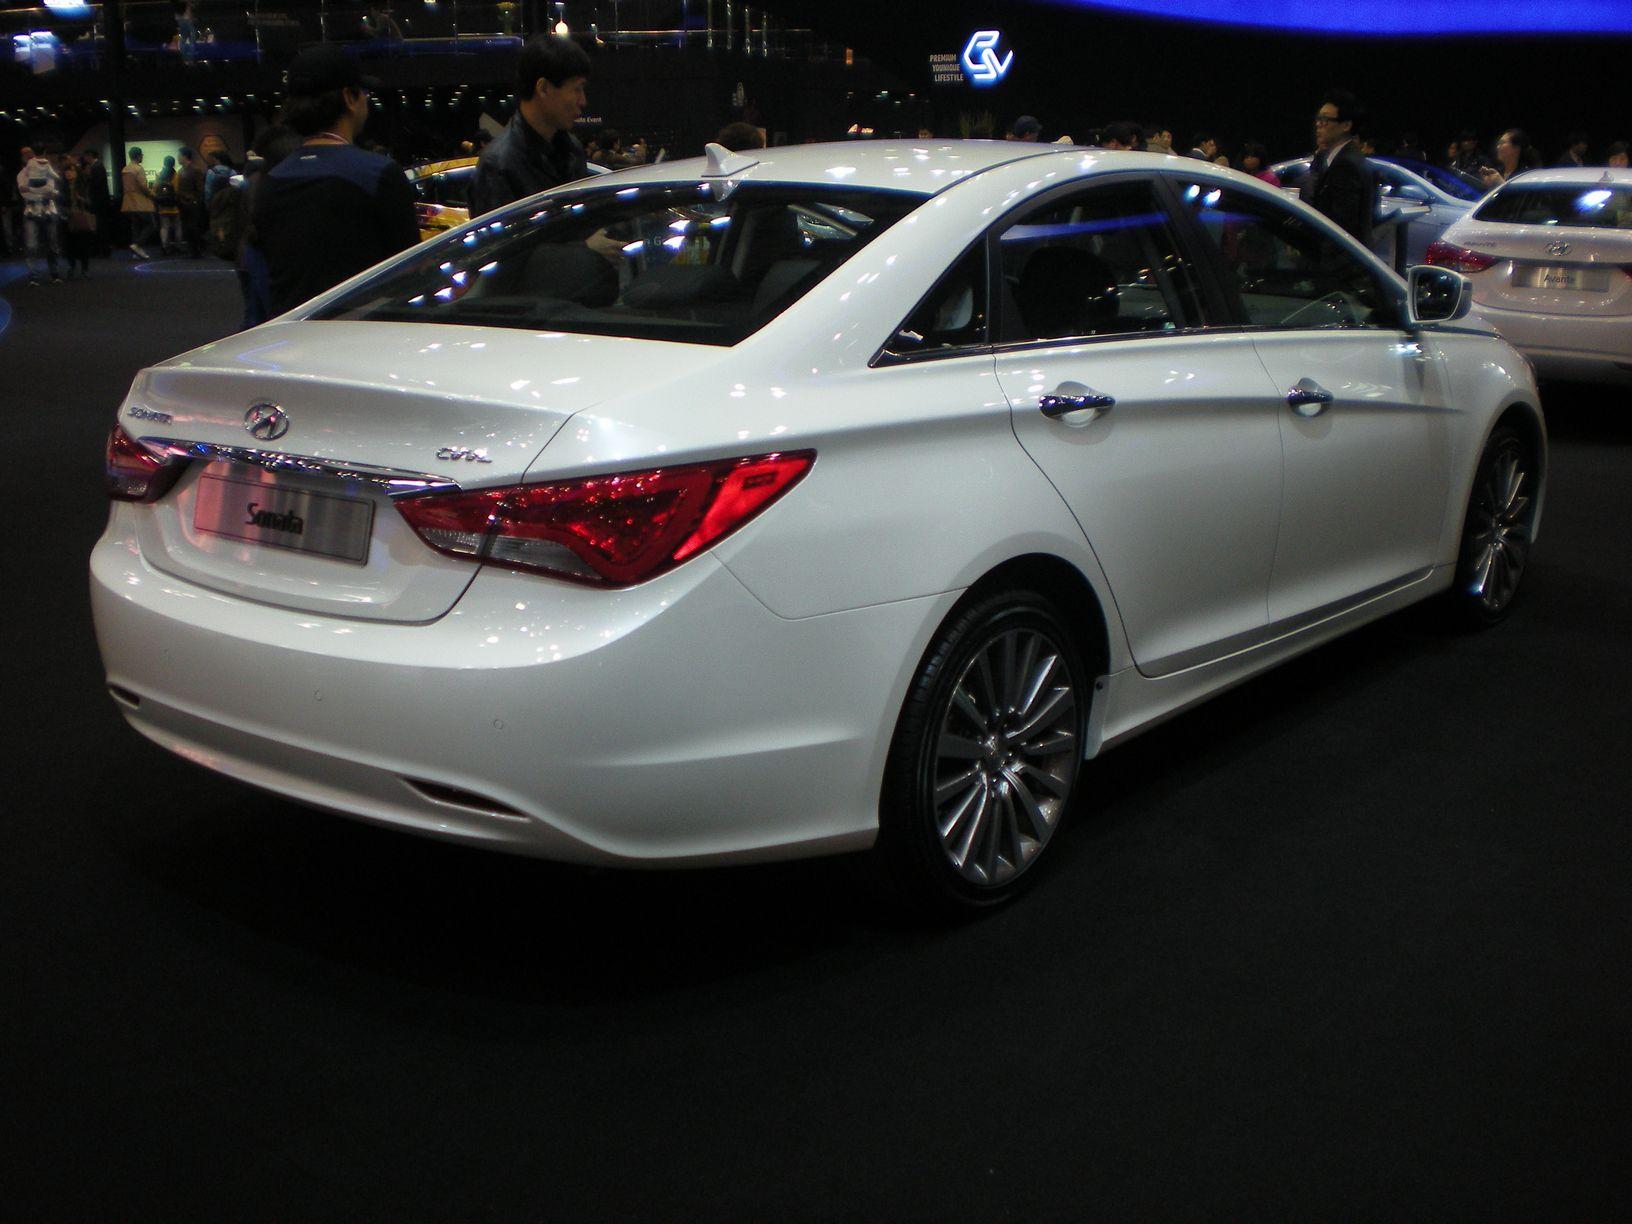 2013 Hyundai Sonata Newhairstylesformen2014 Com